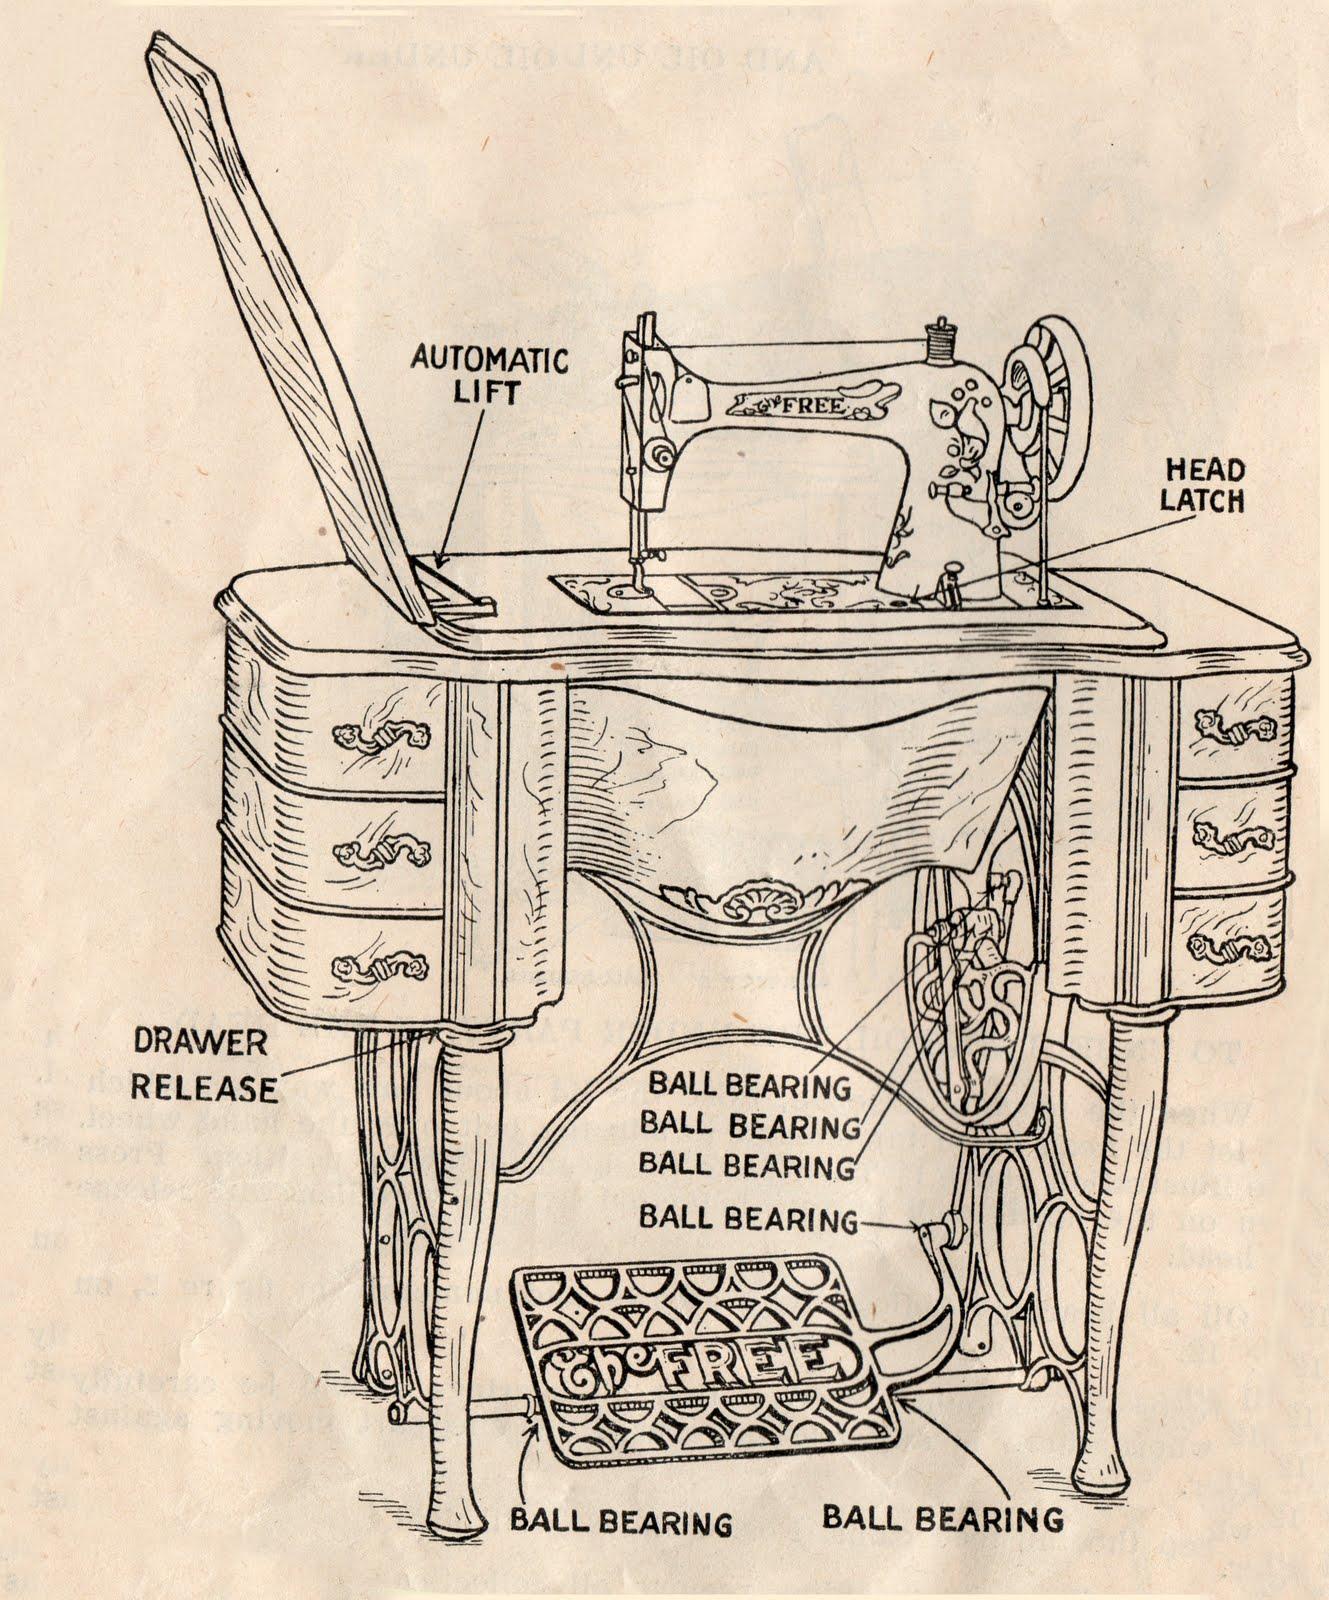 Sewing Machine Labeled : sewing, machine, labeled, Sewing, Machine, Label, Parts, Worksheet, Printable, Worksheets, Activities, Teachers,, Parents,, Tutors, Homeschool, Families